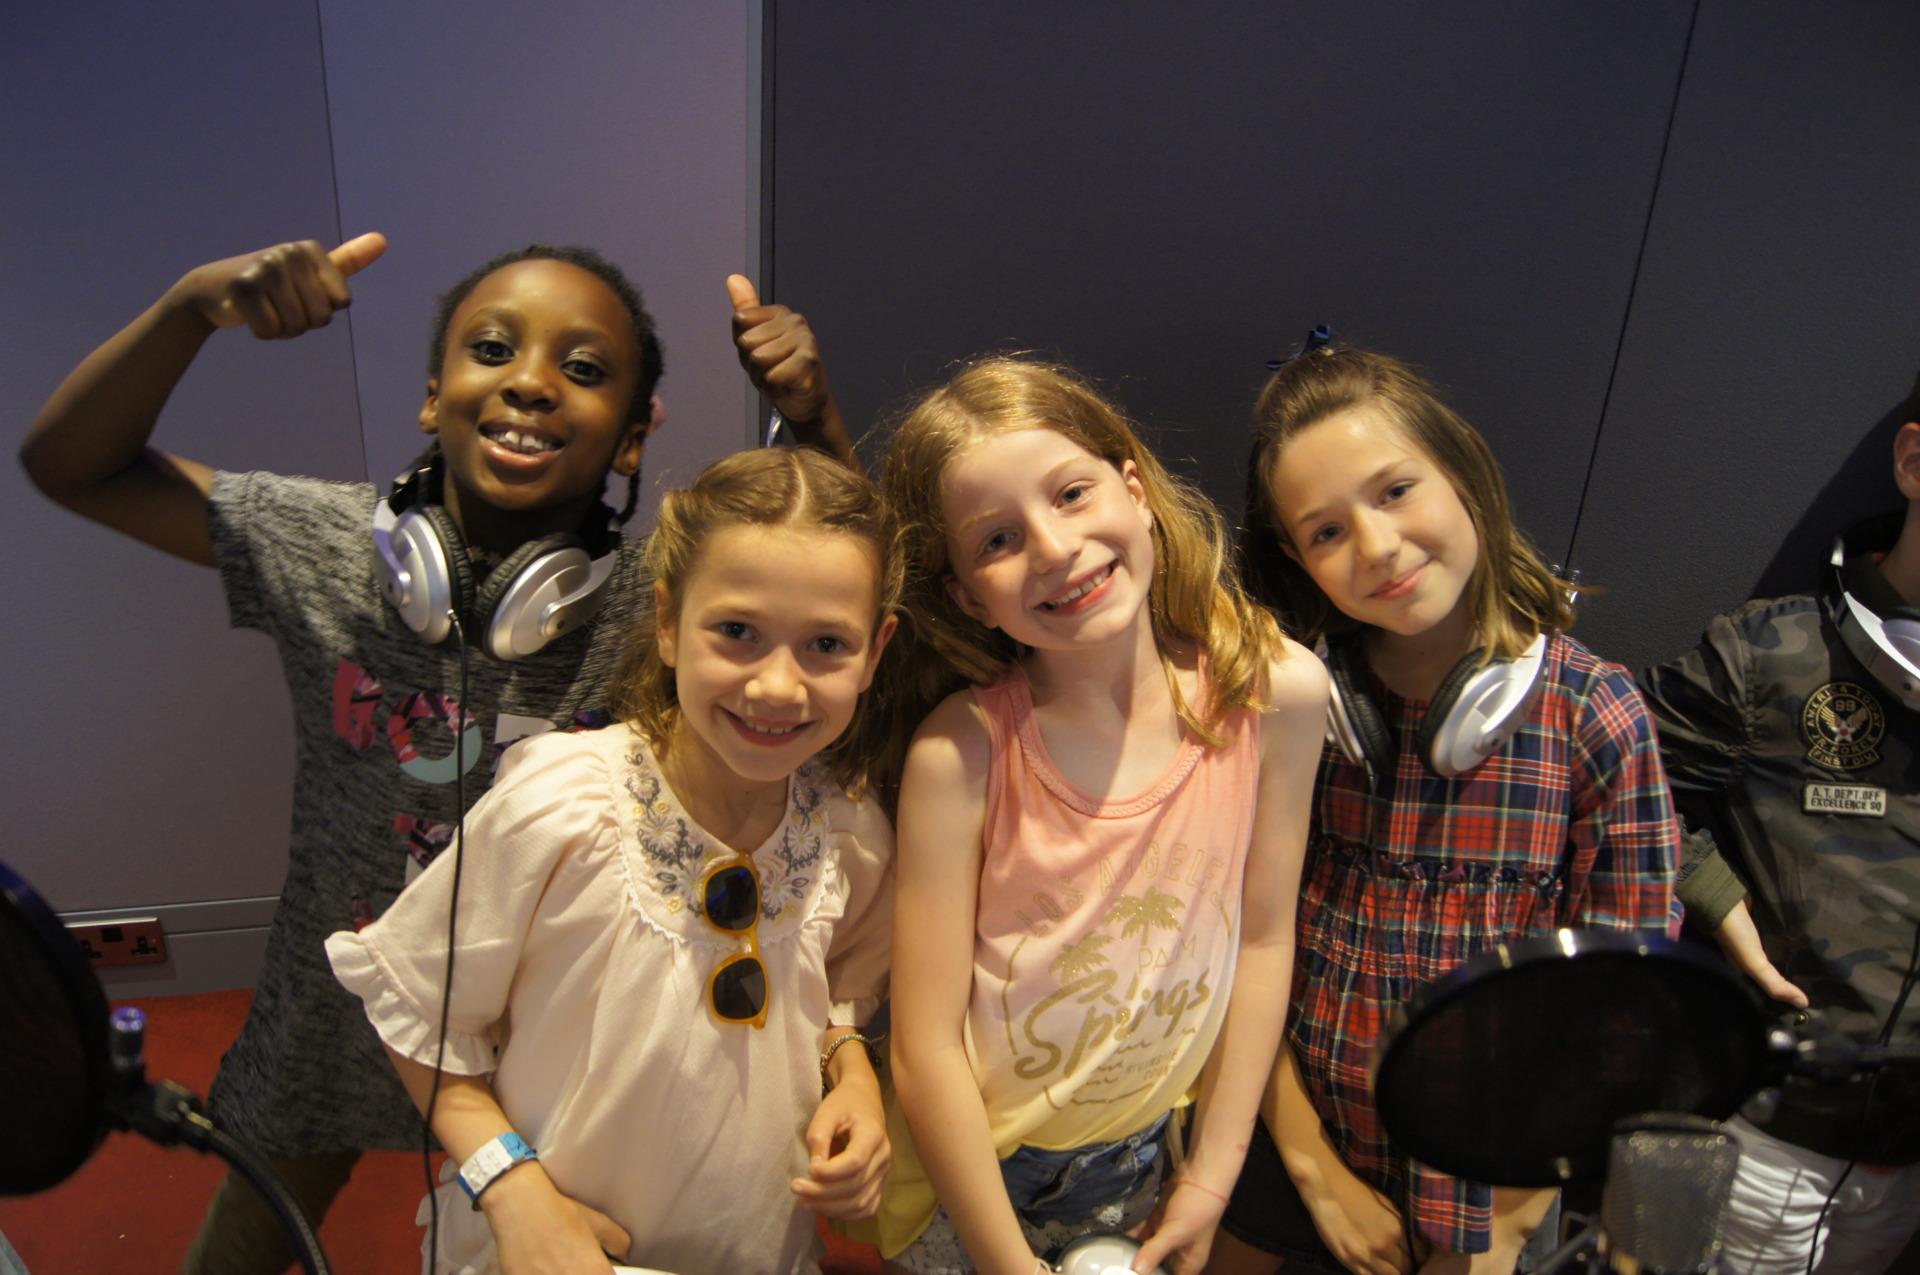 Girls singing party